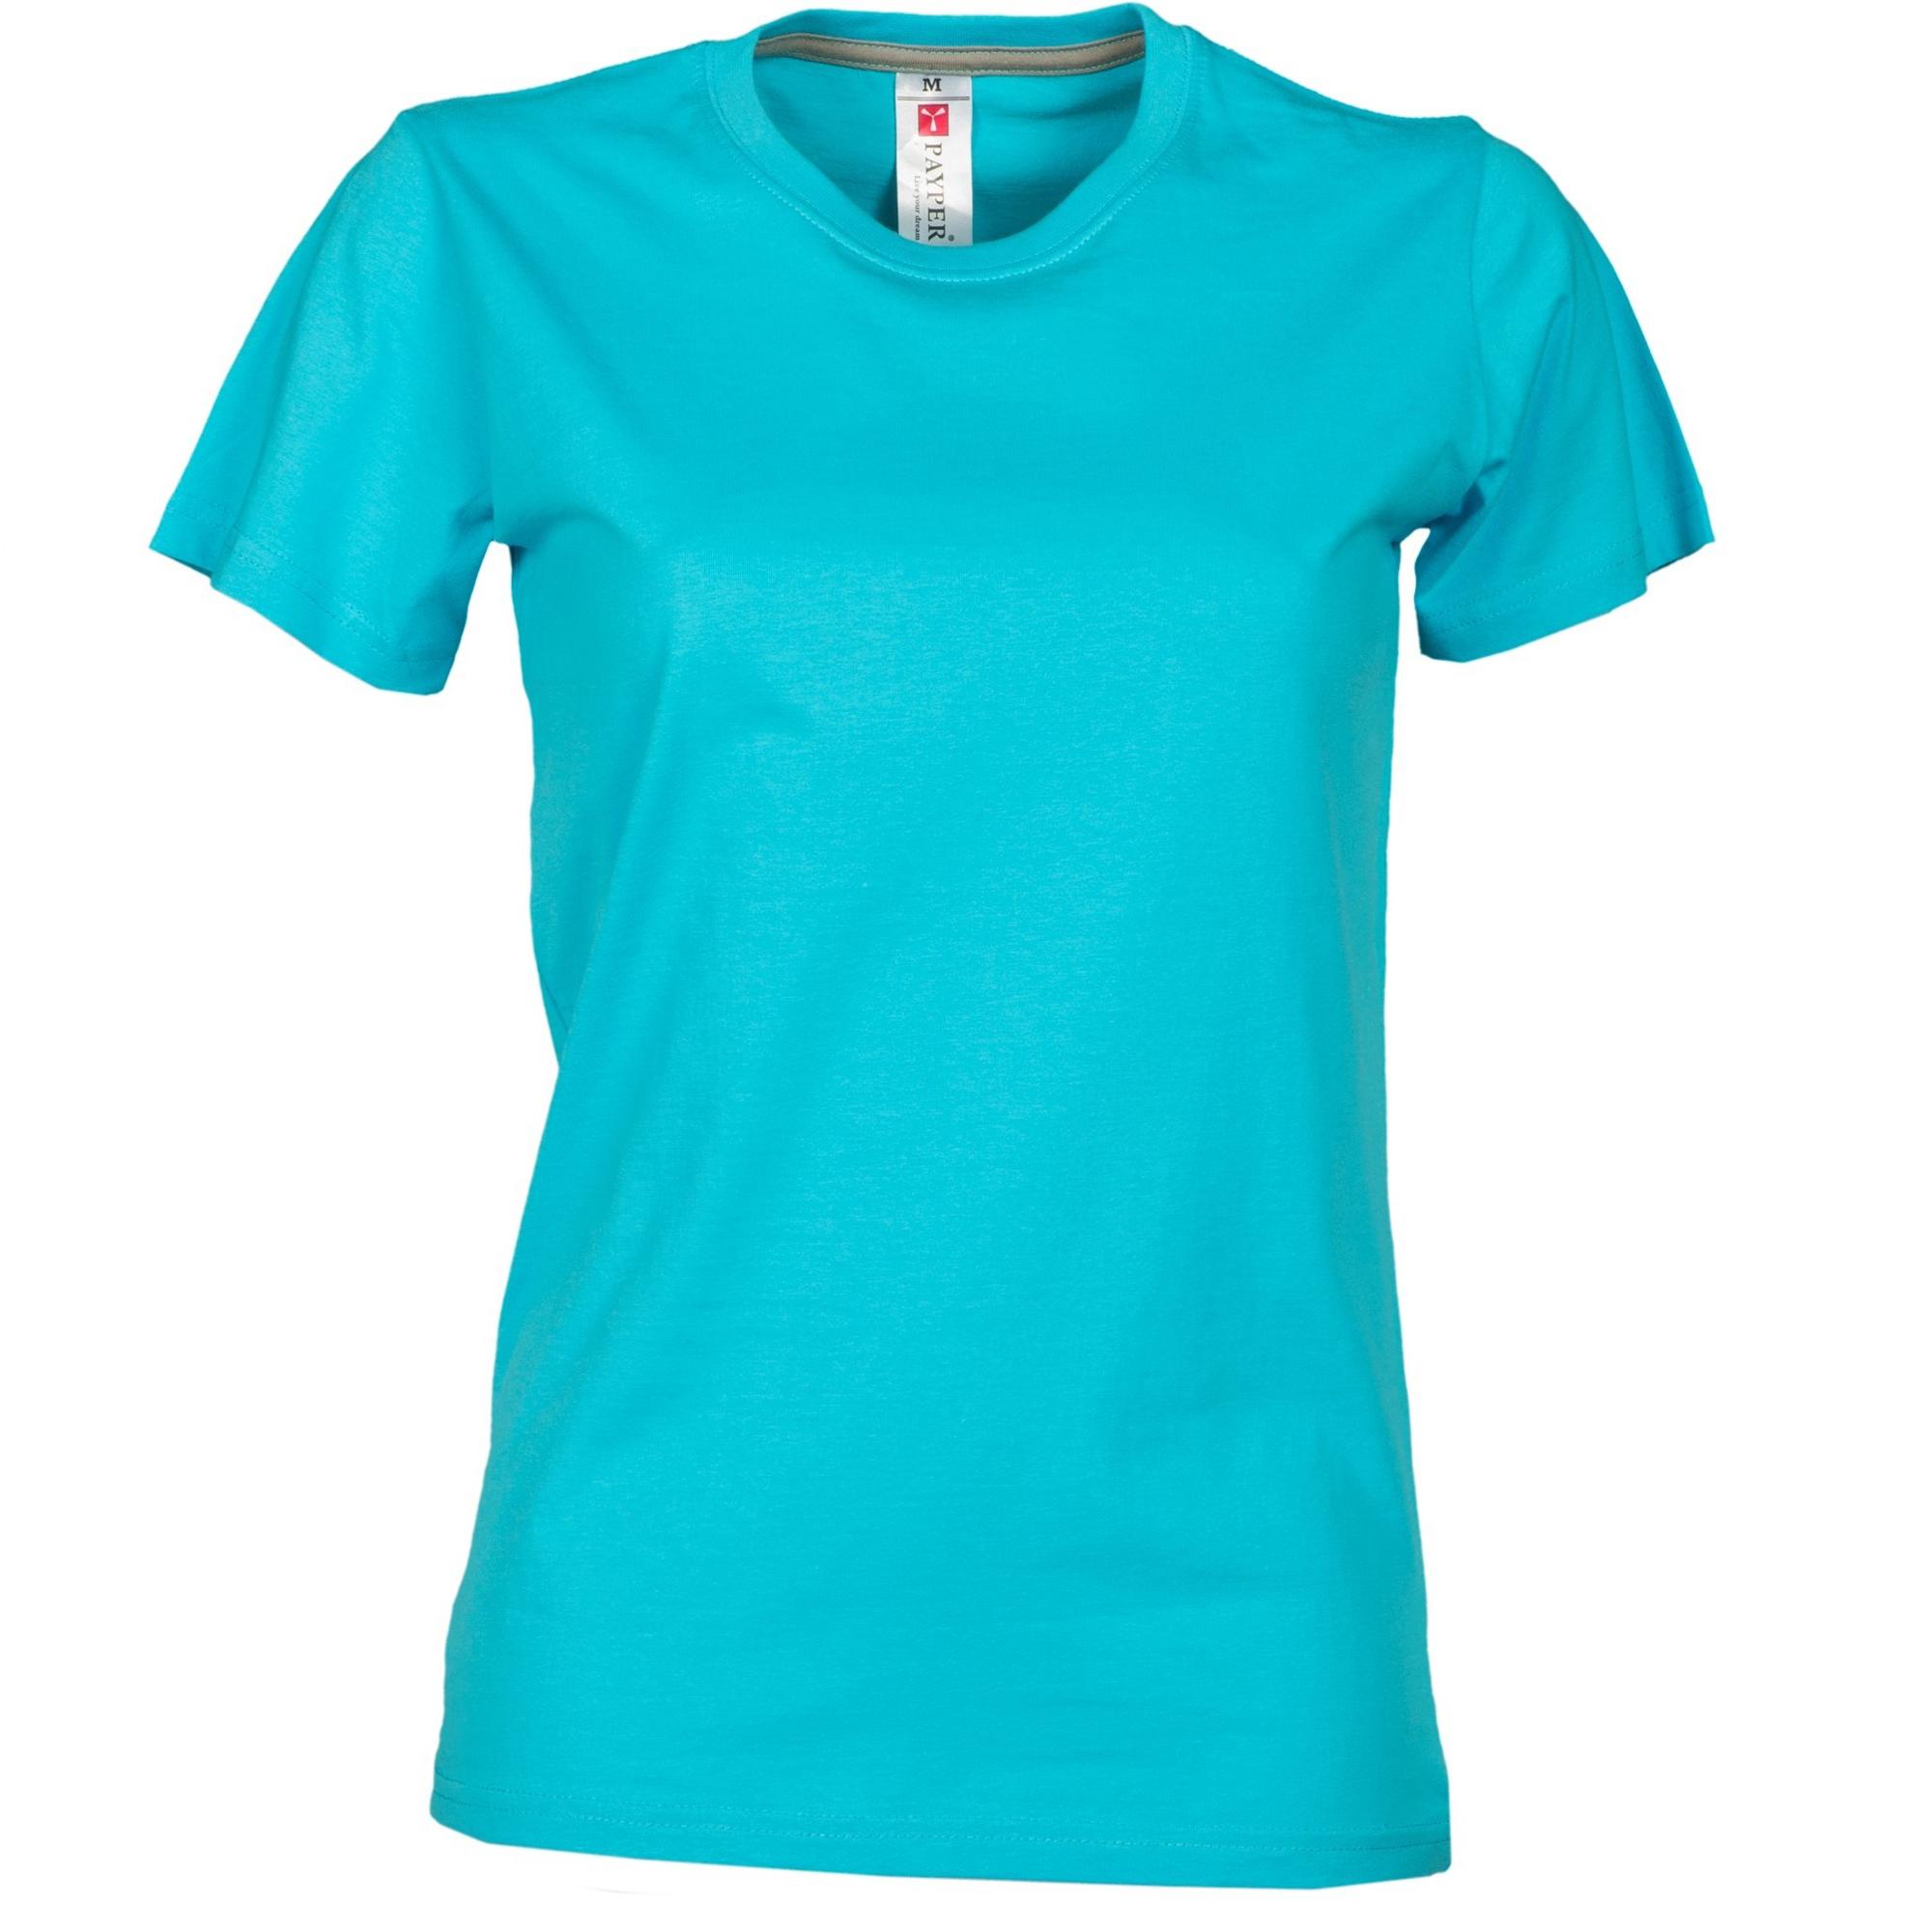 Ženska majica, SUNSET LADY royal plava